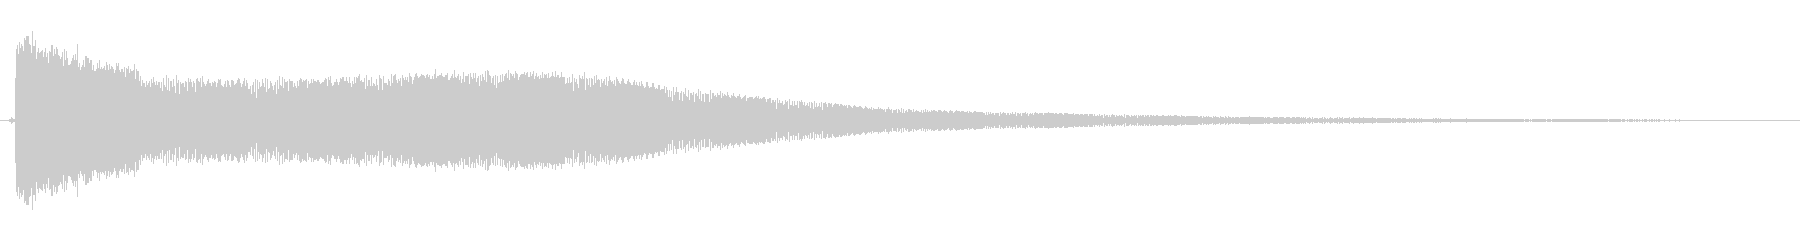 ピロロロローン(宇宙,近未来的)の未再生の波形